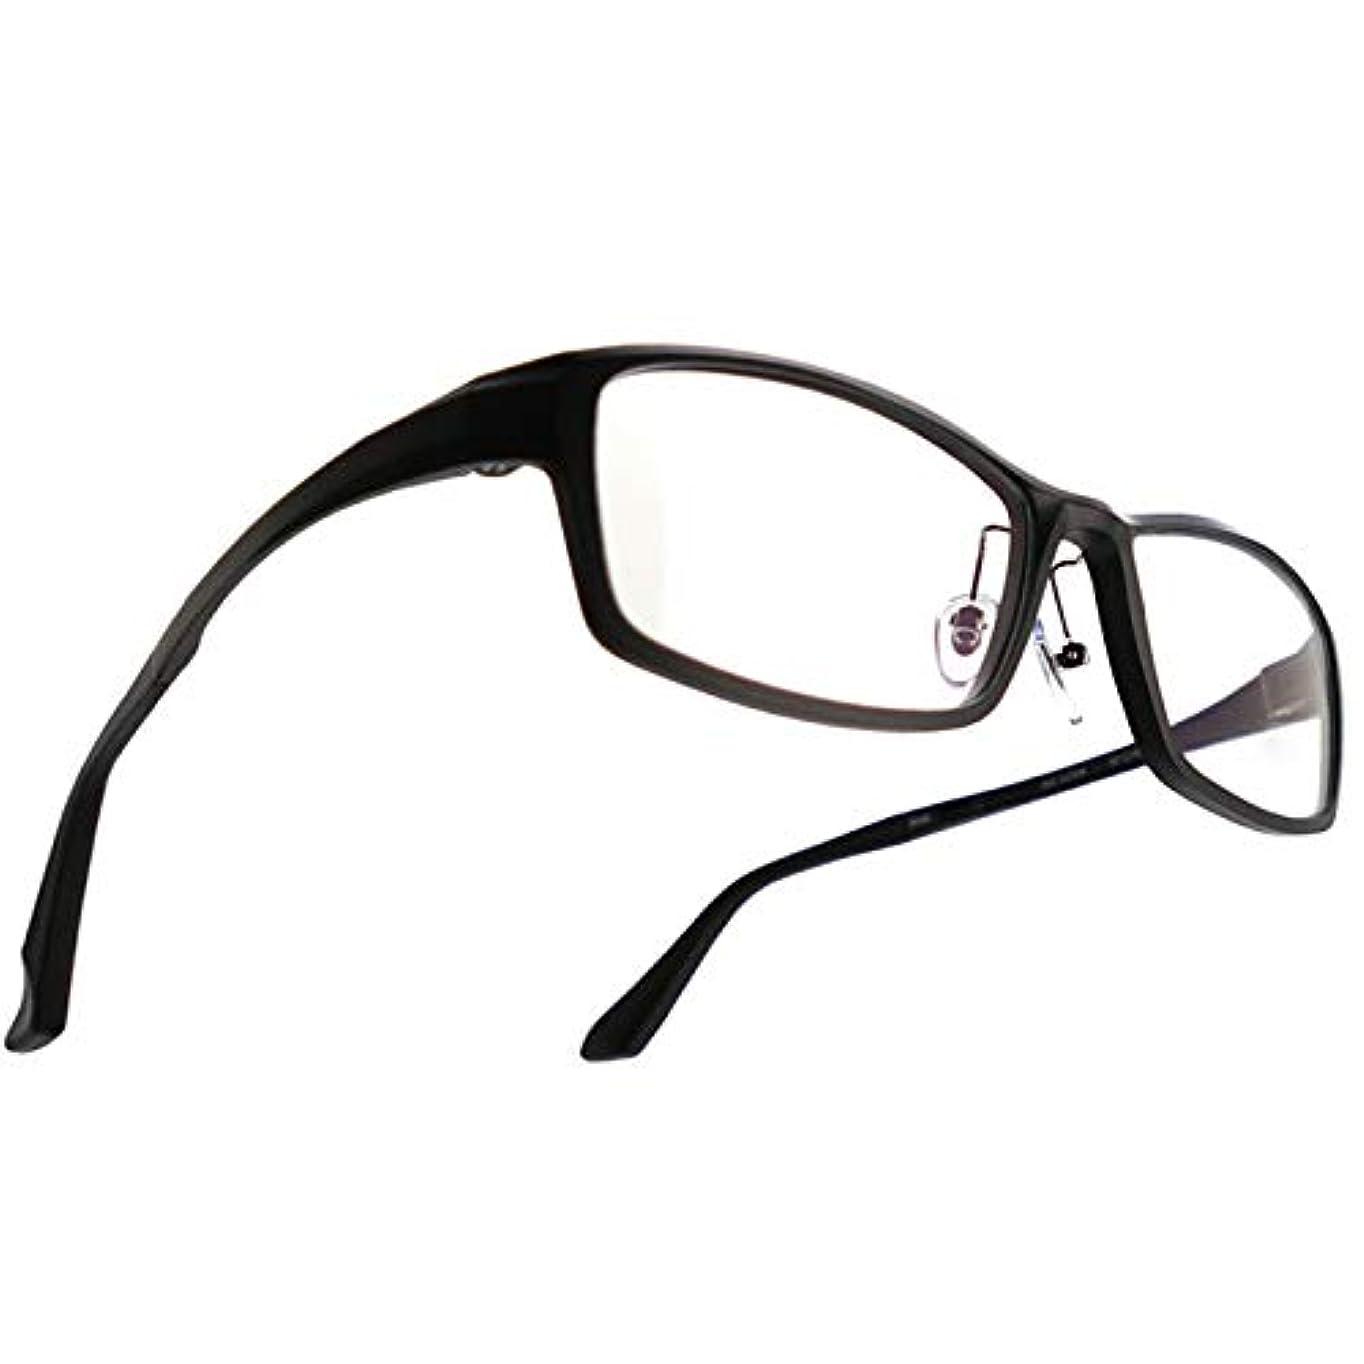 SHOWA (RSN) スティーズ ウルトラ ライト 遠近両用 メガネ (メンズセット) 全額返金保証 老眼鏡 リーディンググラス 眼鏡 (瞳孔距離:69mm~70mm, 近くを見る度数:+1.0)